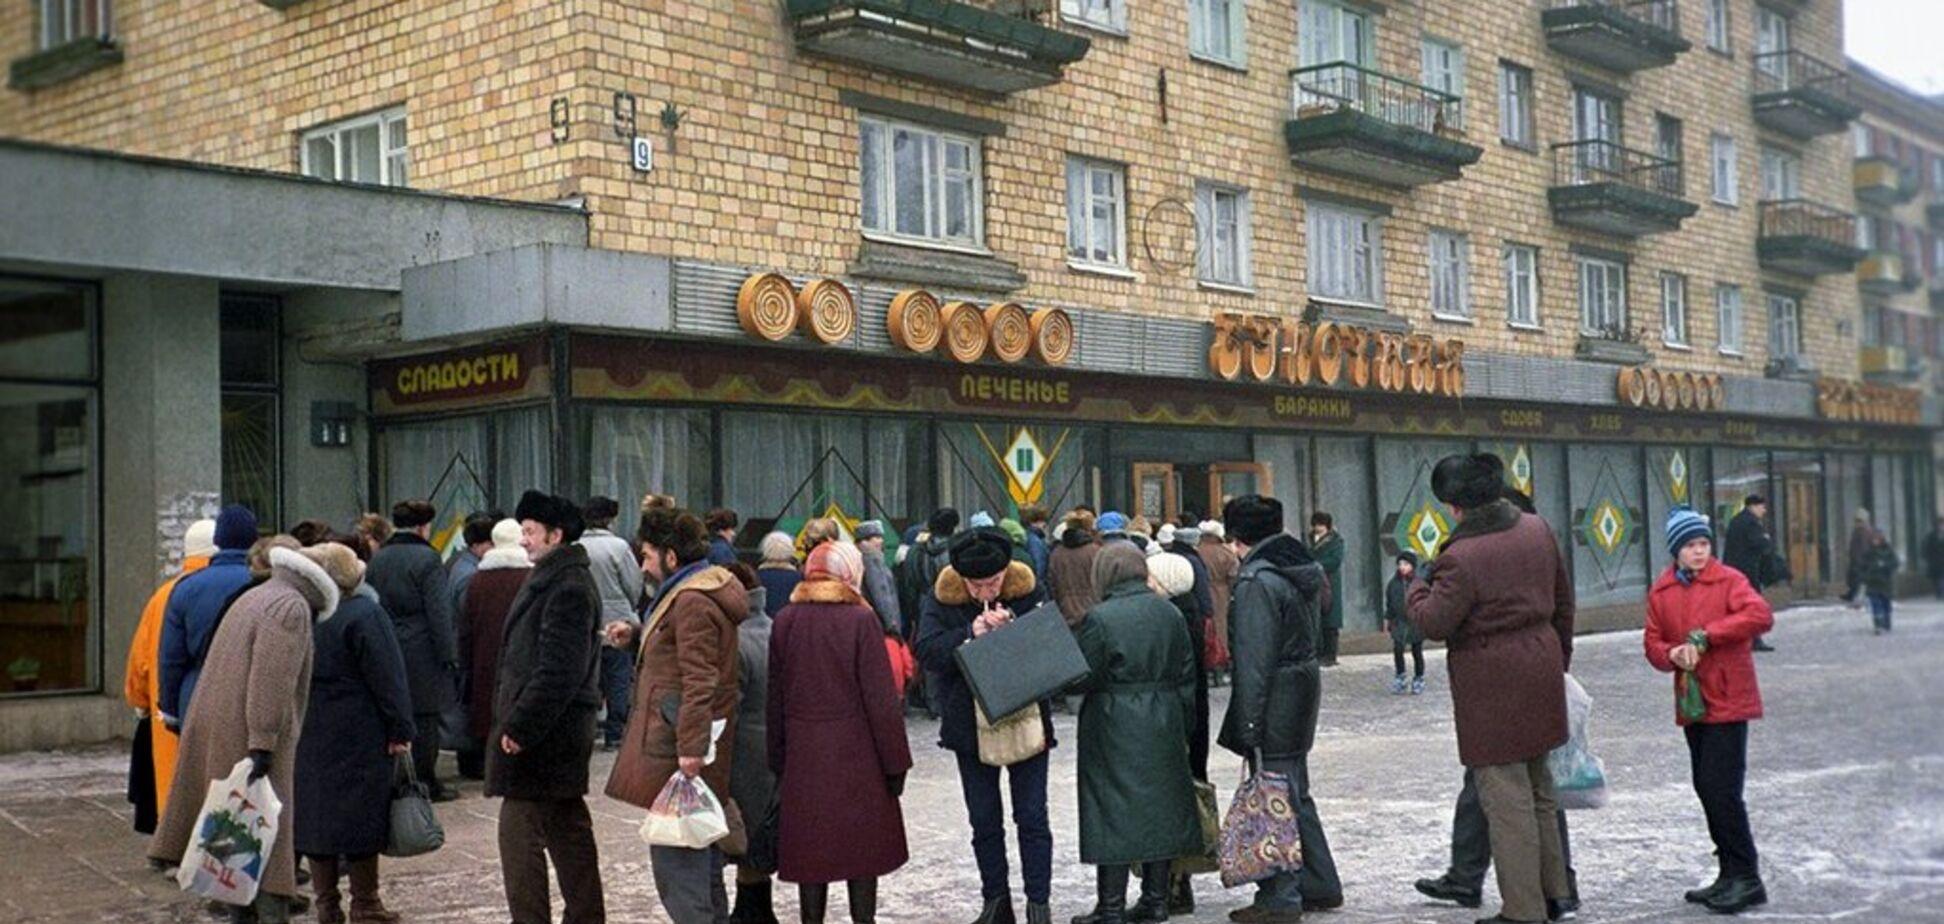 'Жили набагато бідніше': блогер порівняв радянські та сучасні зарплати